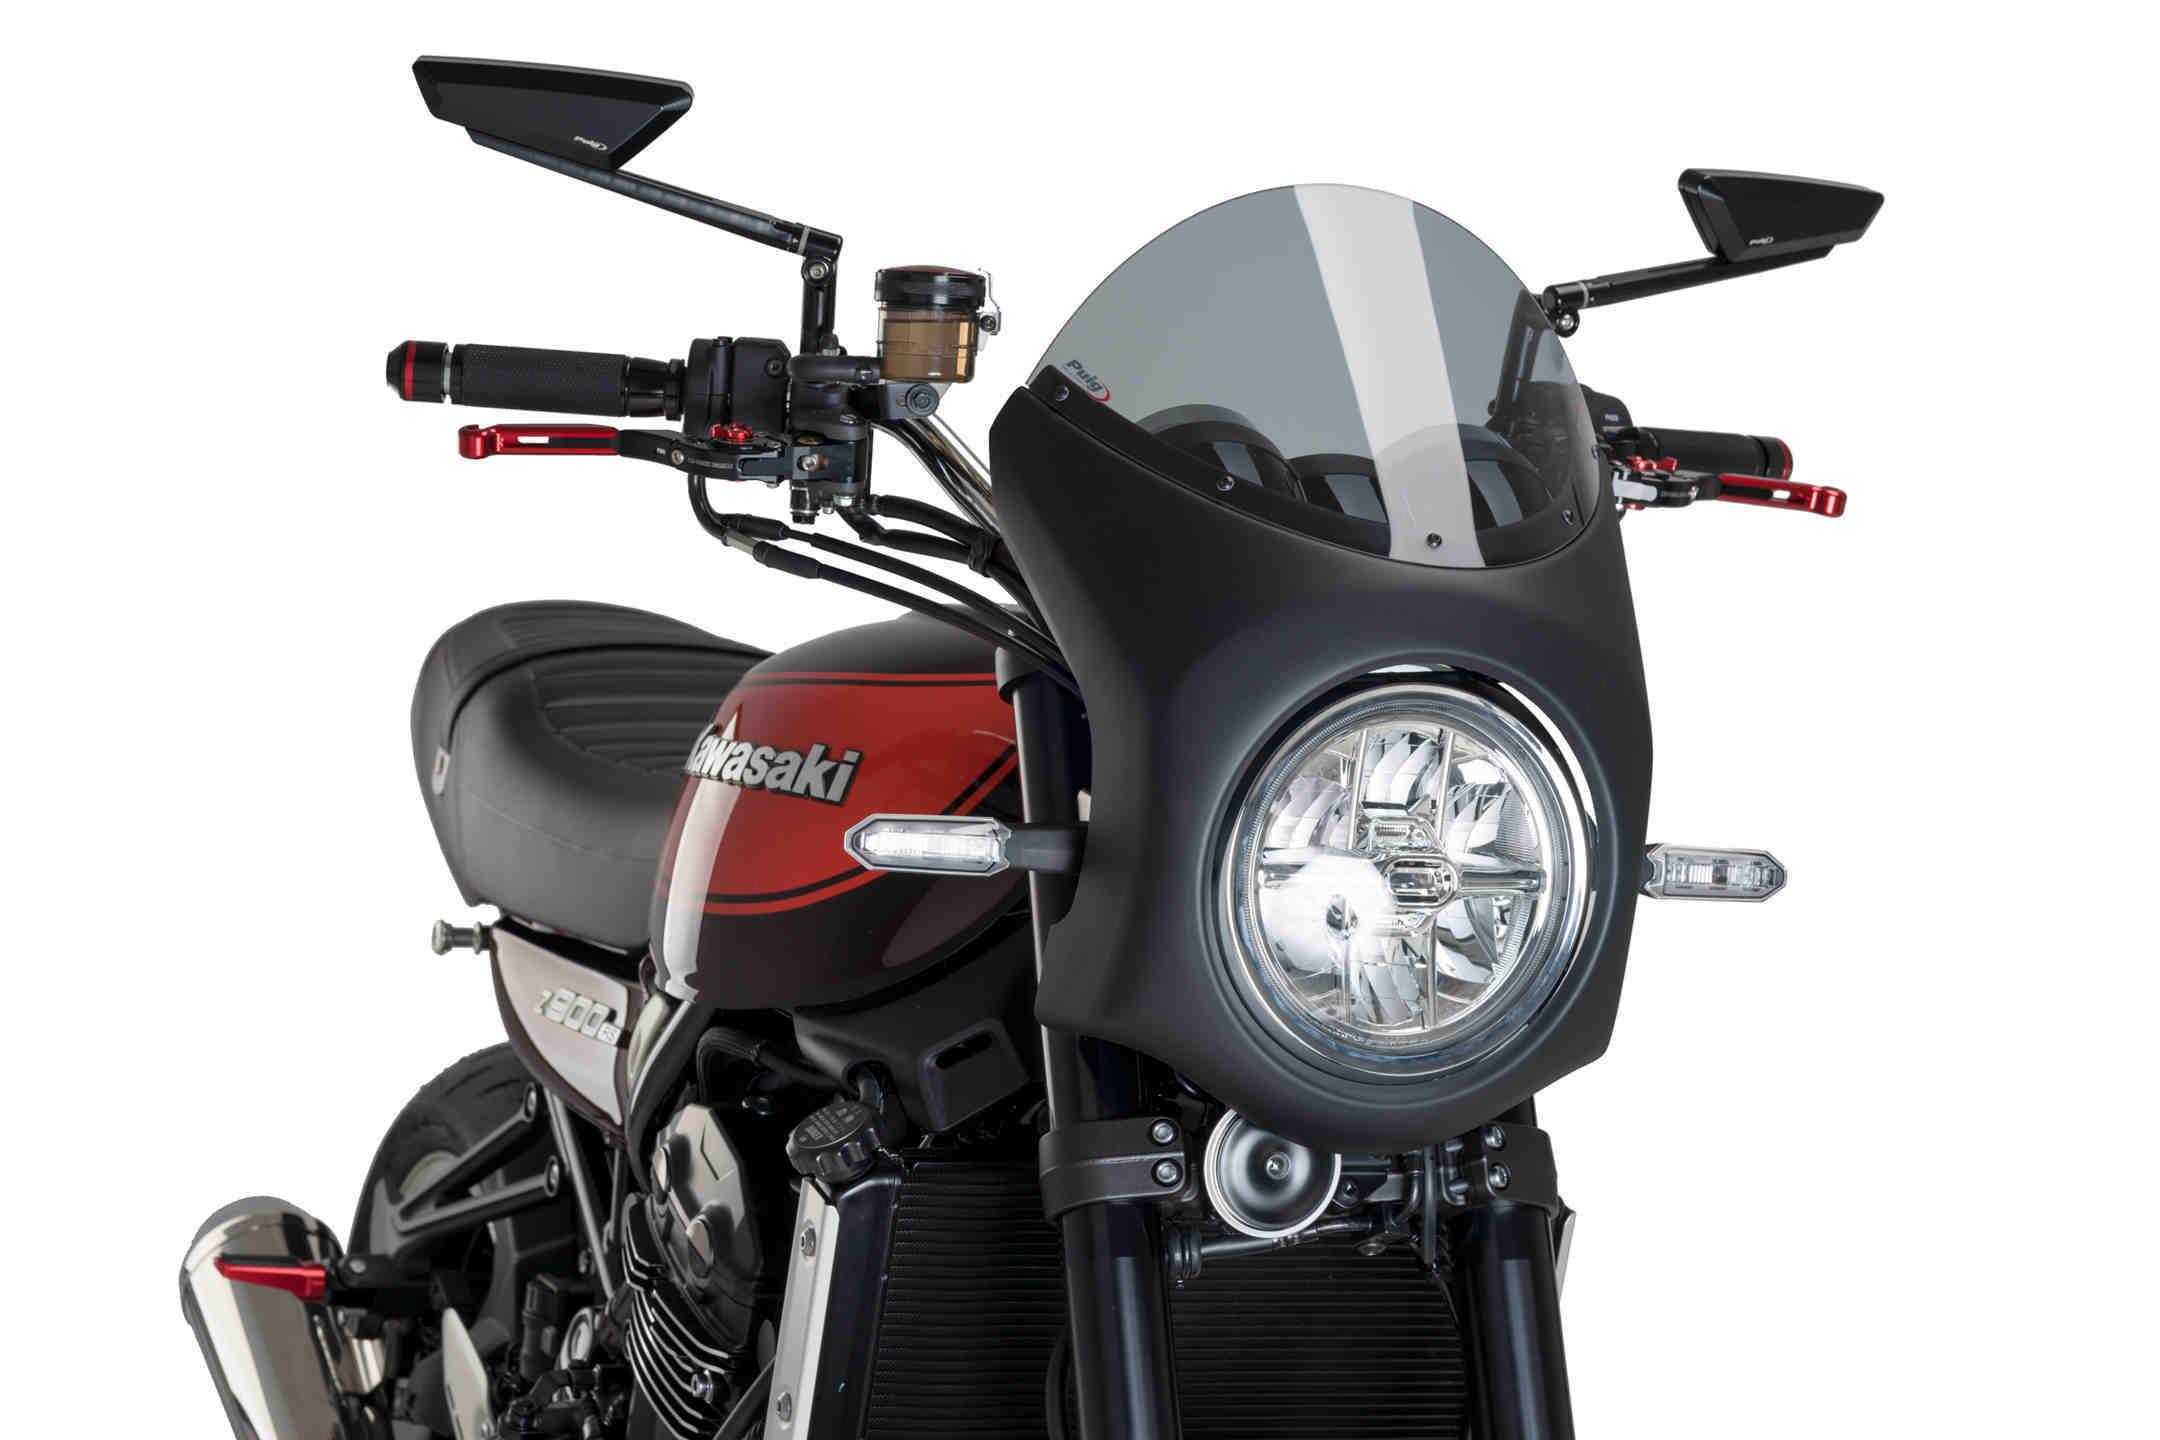 Puig Cupolini Retro Semicarenatura in Carbon Look 9596H per Kawasaki Z900RS 18-19